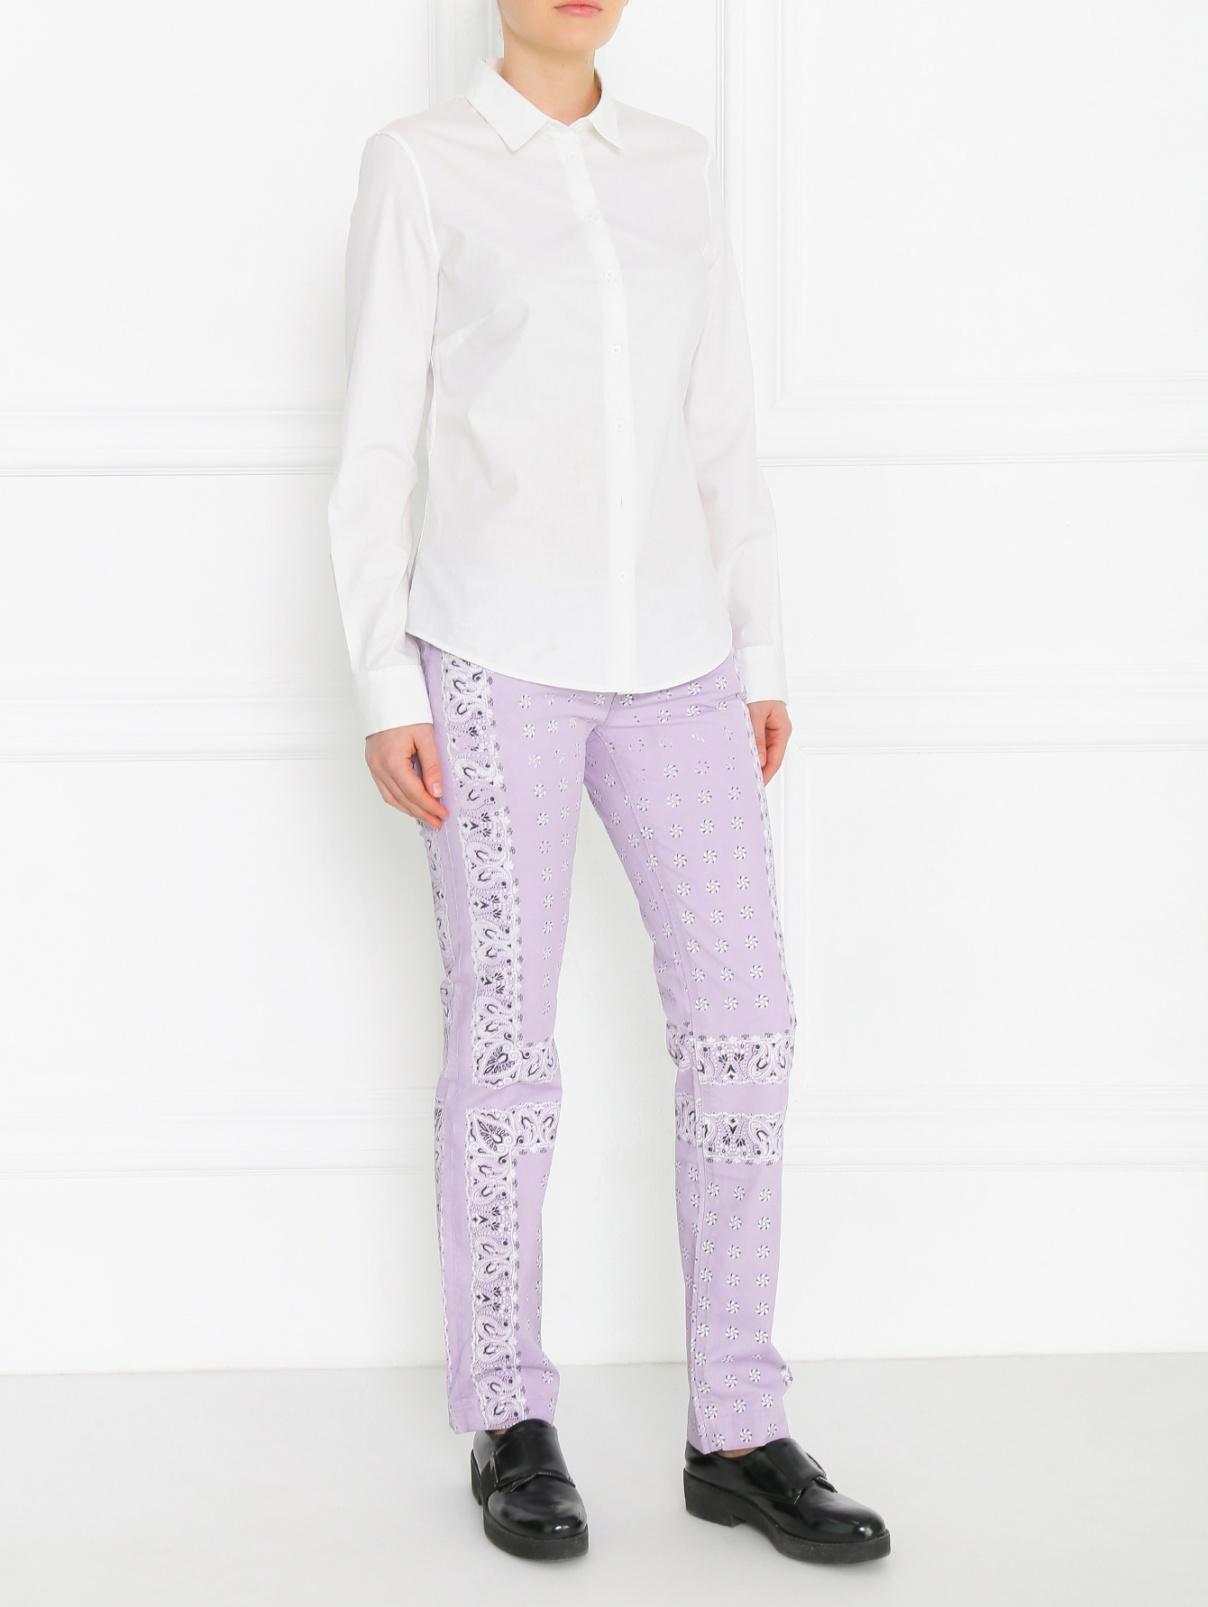 Брюки из хлопка с узором Dolce & Gabbana  –  Модель Общий вид  – Цвет:  Фиолетовый